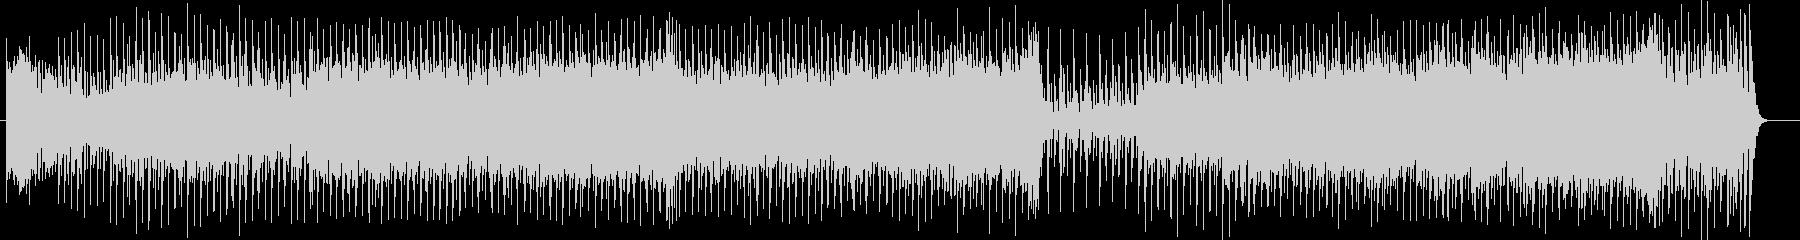 ダークで物悲しいミュージックの未再生の波形